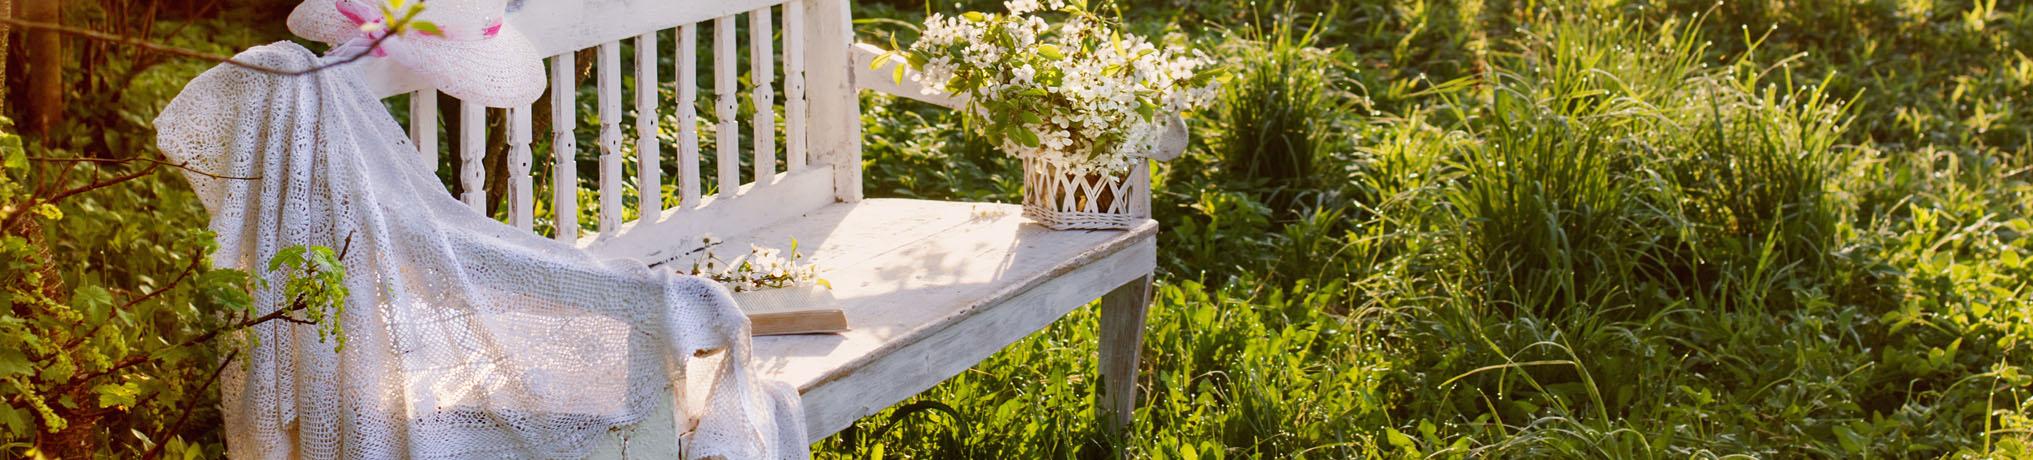 Gartenbänke online kaufen